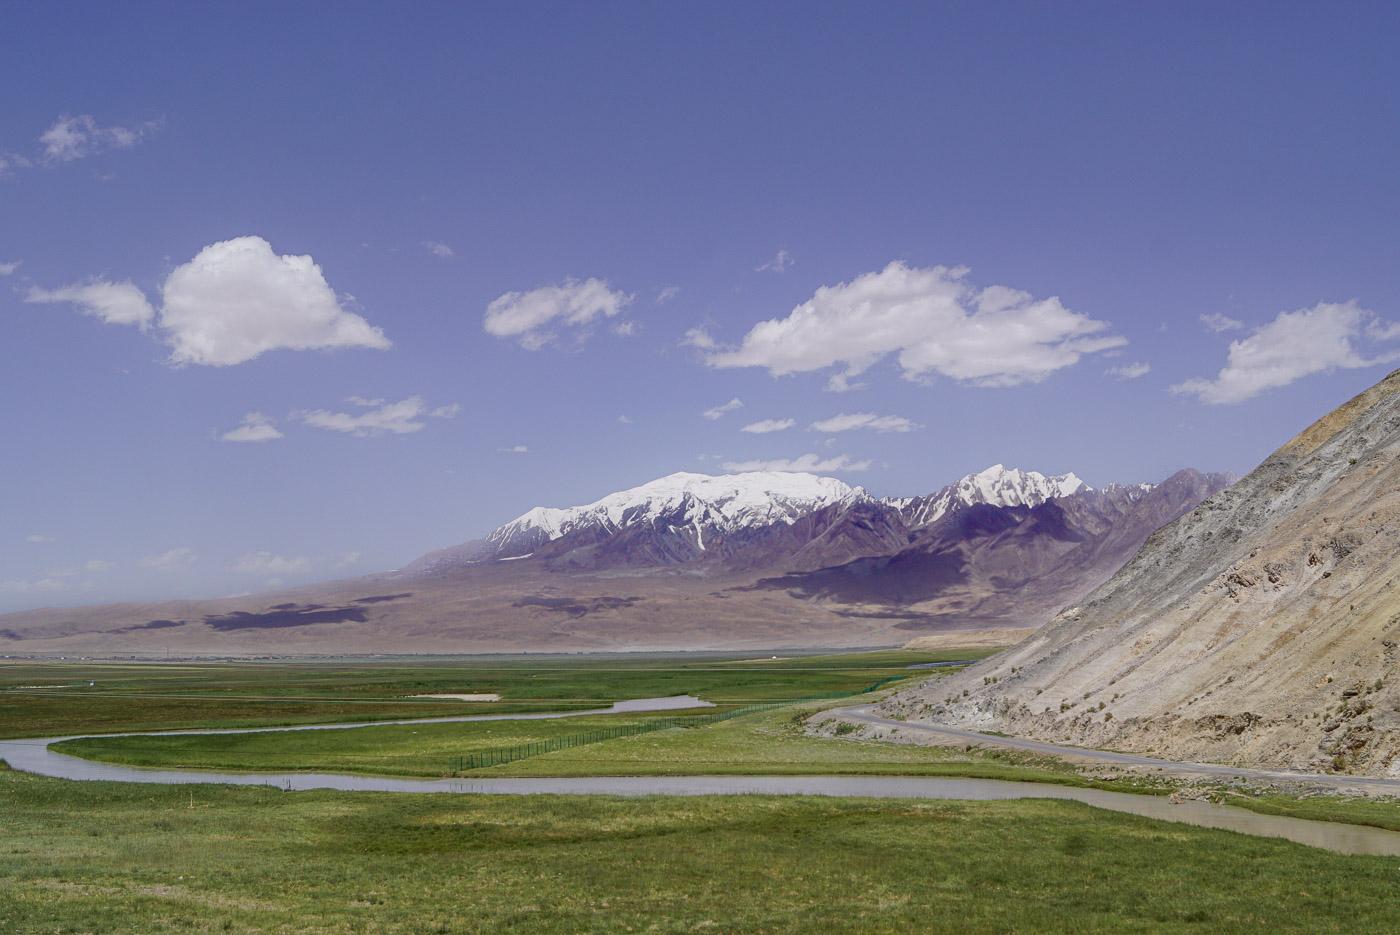 Unter einem Blau-Weißen Himmel erhebt sich ein Berg mit 7000 m Höhe an seinem Fuß erstreckt sich eine grüne Ebene die von einem Fluss schlängeln durchzogen wird.